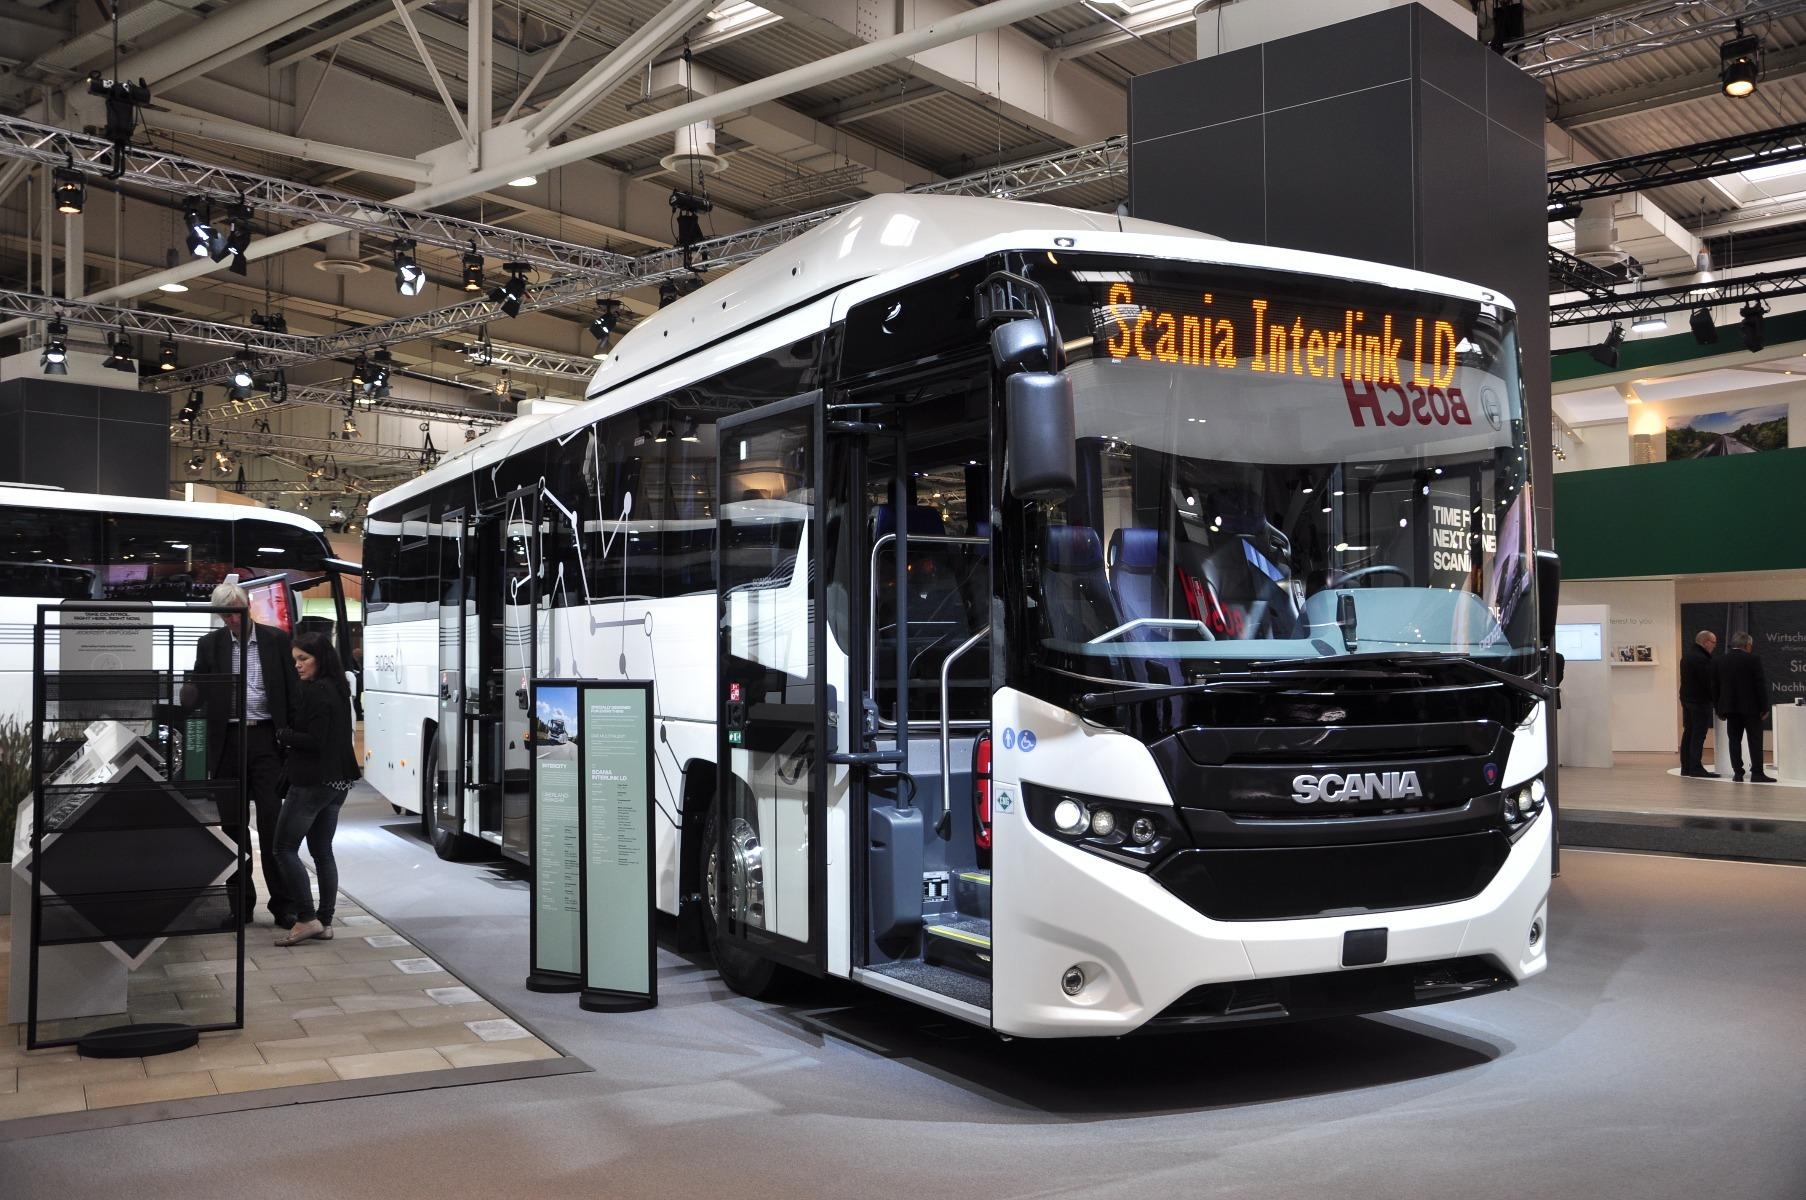 A Scania Interlink LD az első sűrített földgázzal (CNG) üzemelő, normál padlómagasságú autóbusz